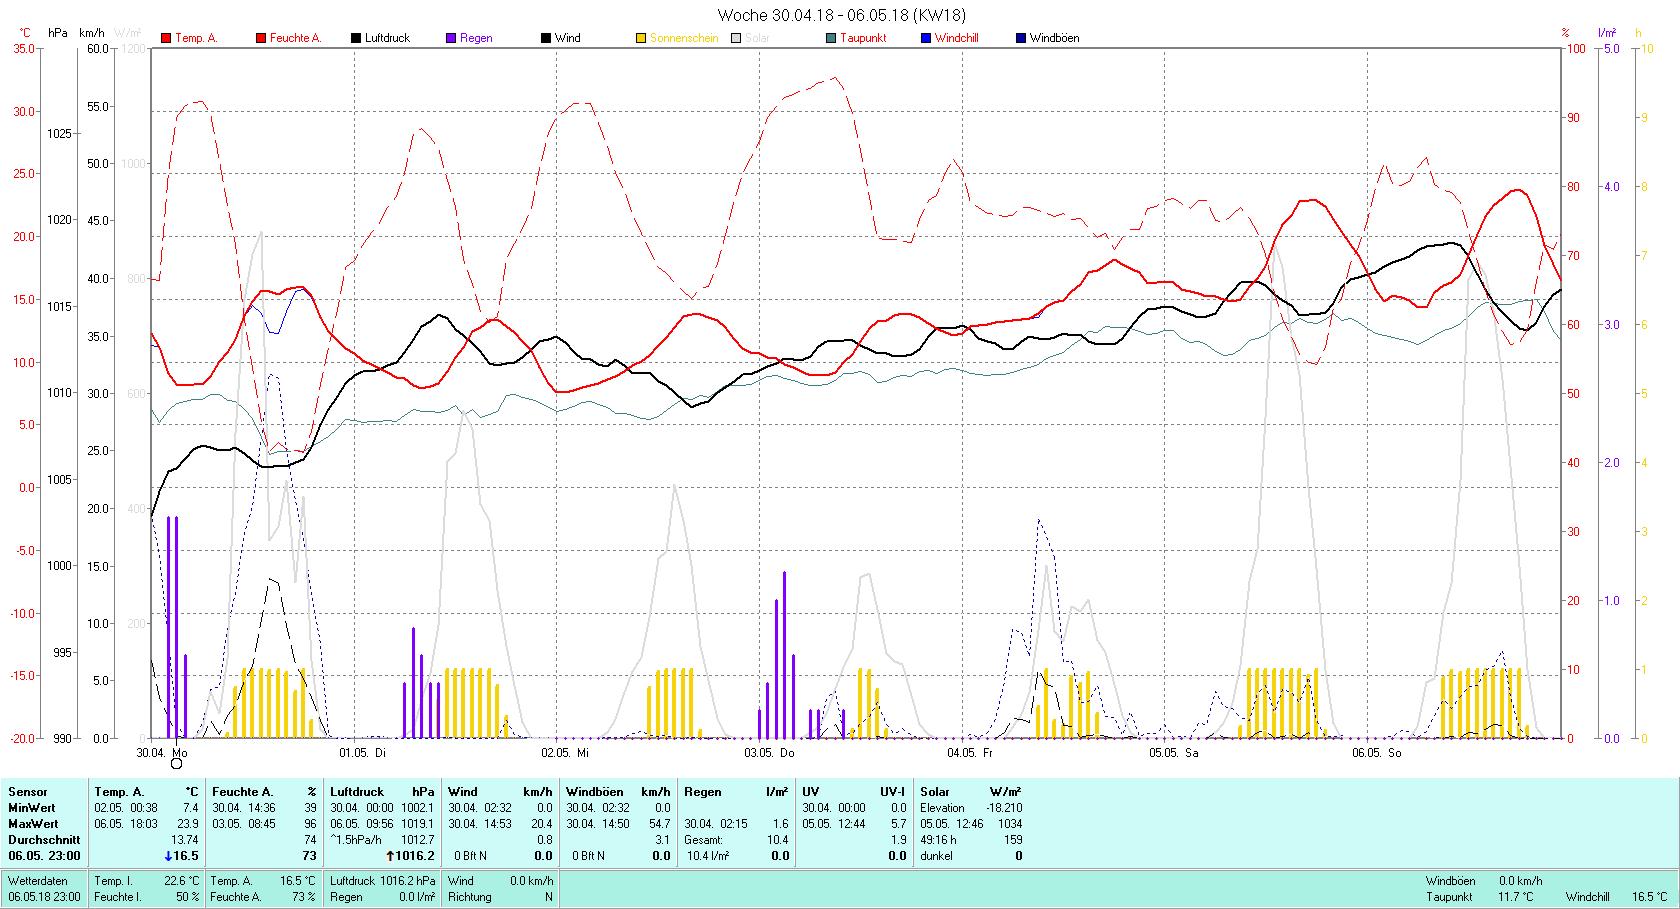 KW 18 Tmin 7.4°C, Tmax 25.6°C, Sonne 49:16 h Niederschlag 10.4 mm2